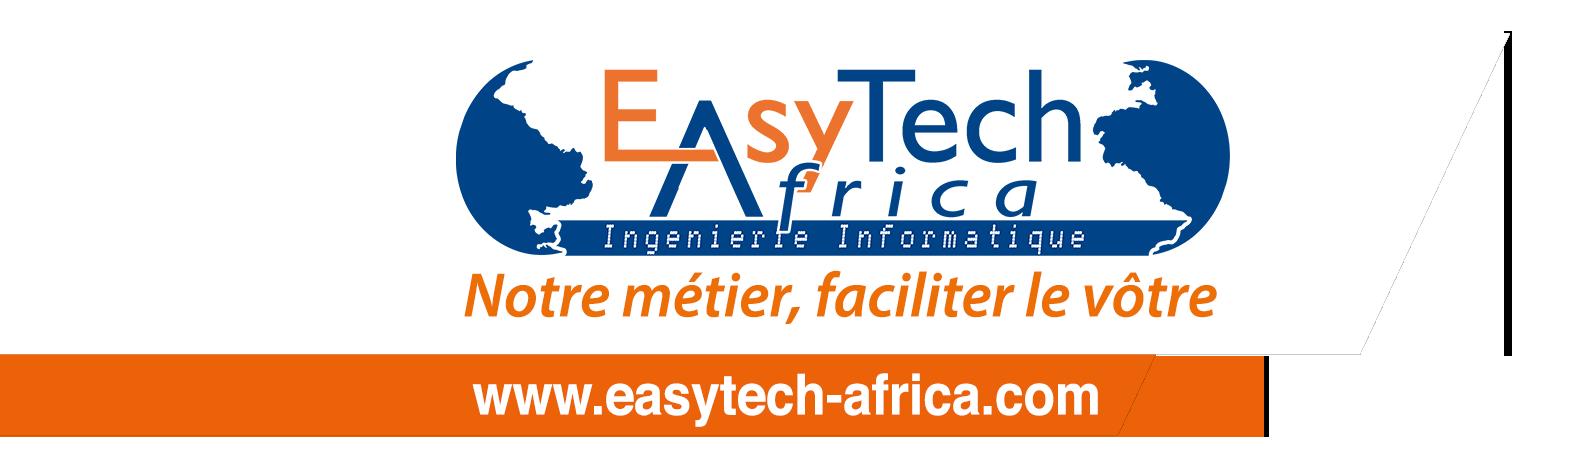 EASYTECH AFRICA